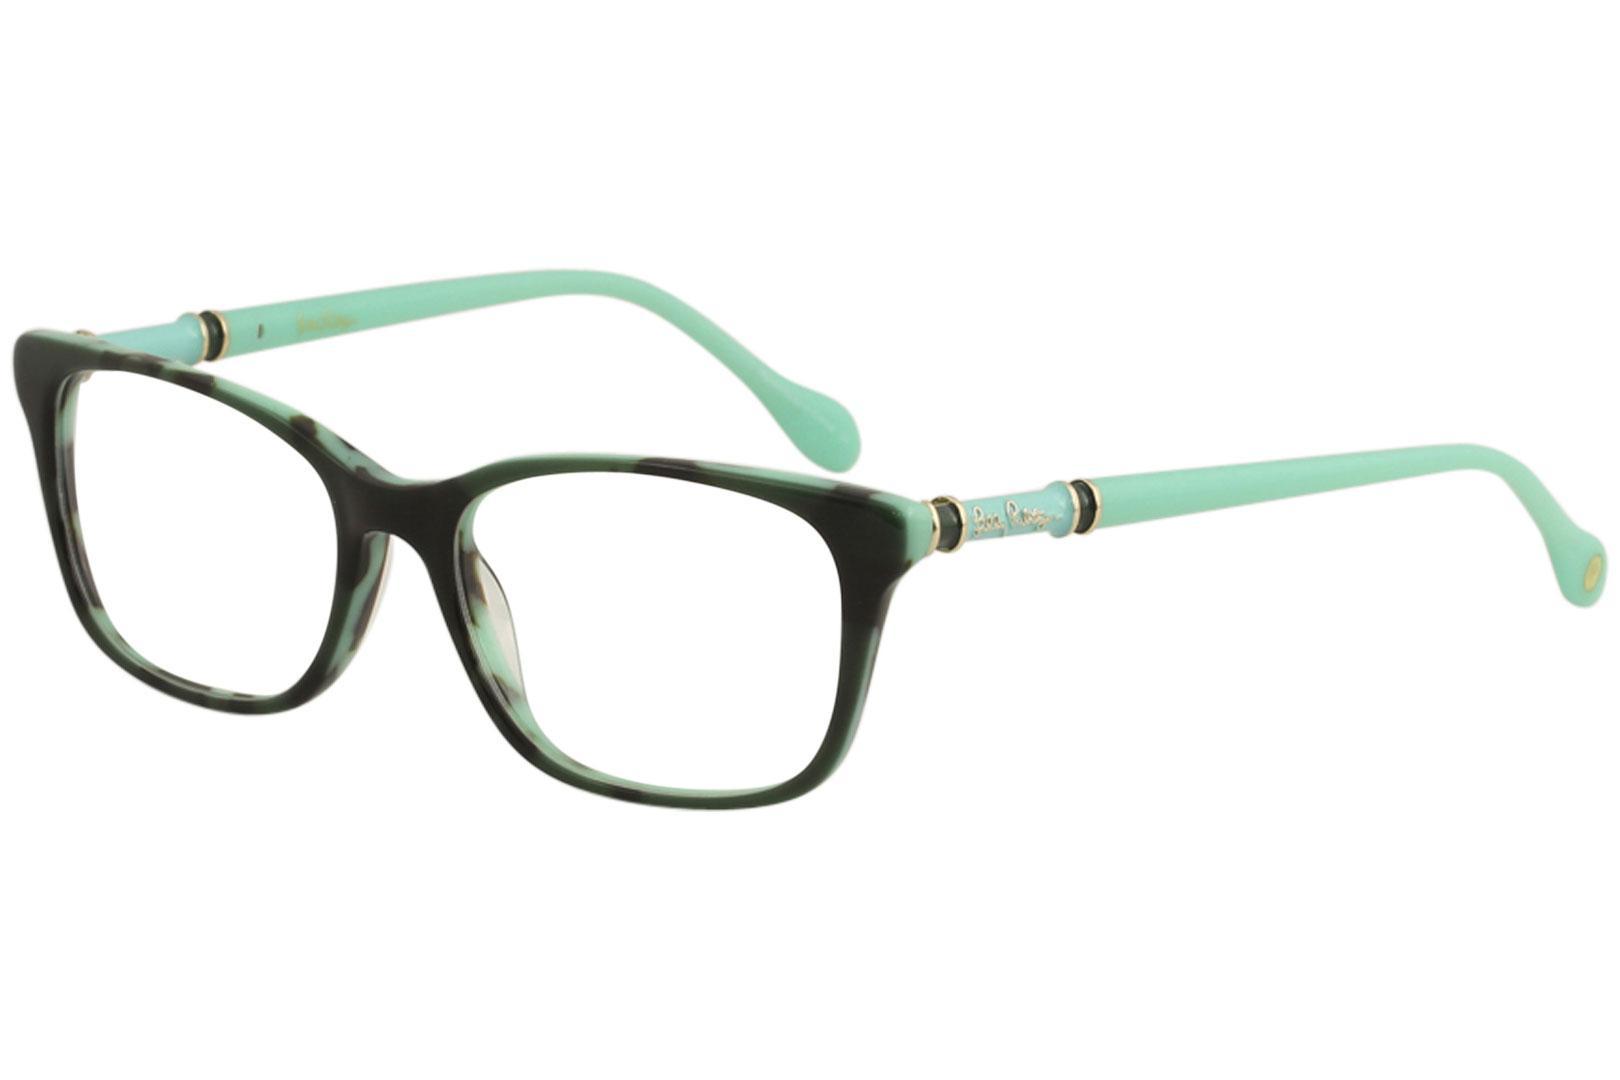 Image of Lilly Pulitzer Women's Eyeglasses Bailey Full Rim Optical Frame - Green/Tortoise   GR - Lens 52 Bridge 16 Temple 140mm